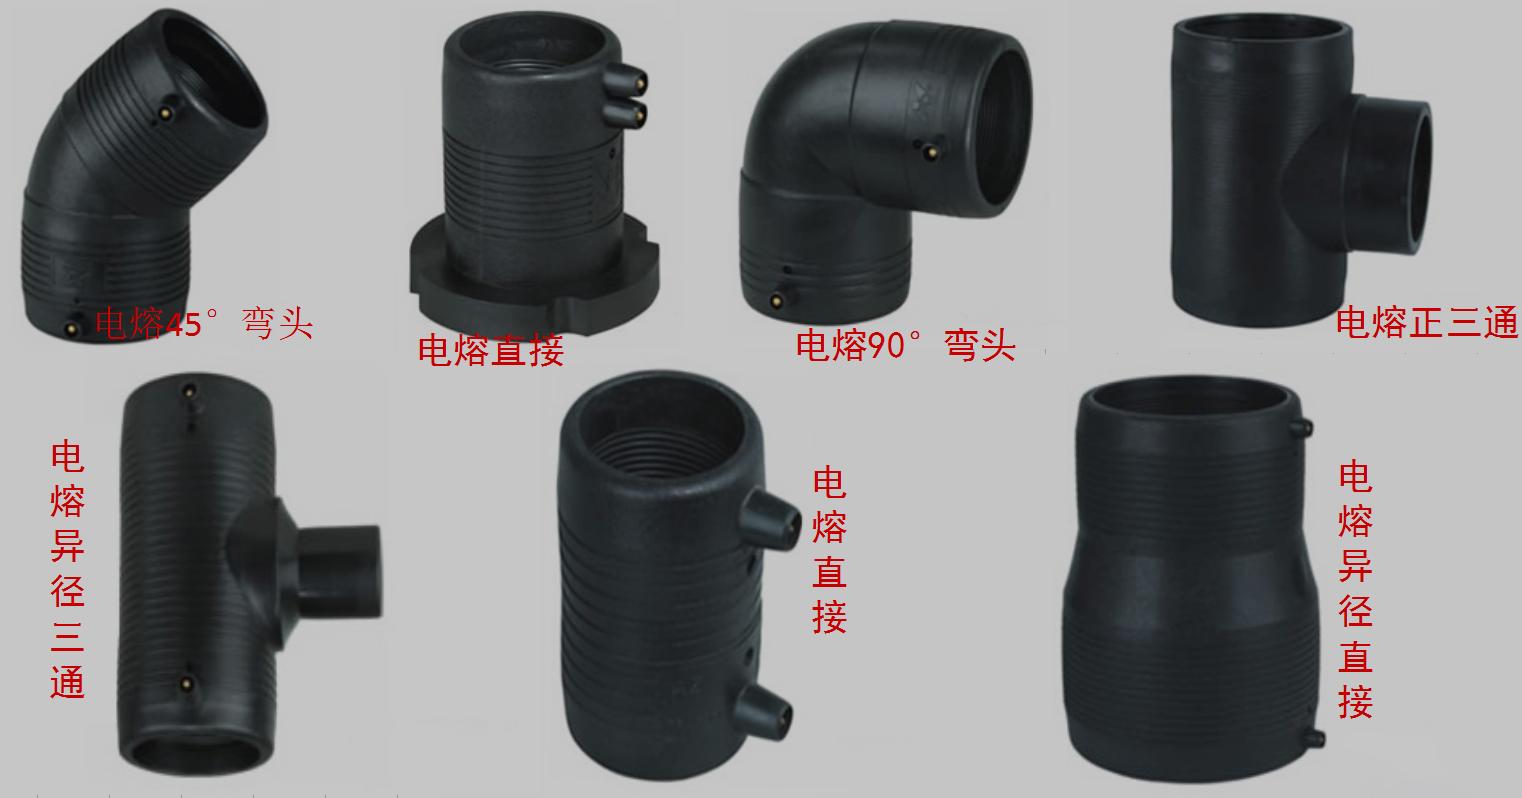 电熔管件 电熔管件作用 电熔管件的作用